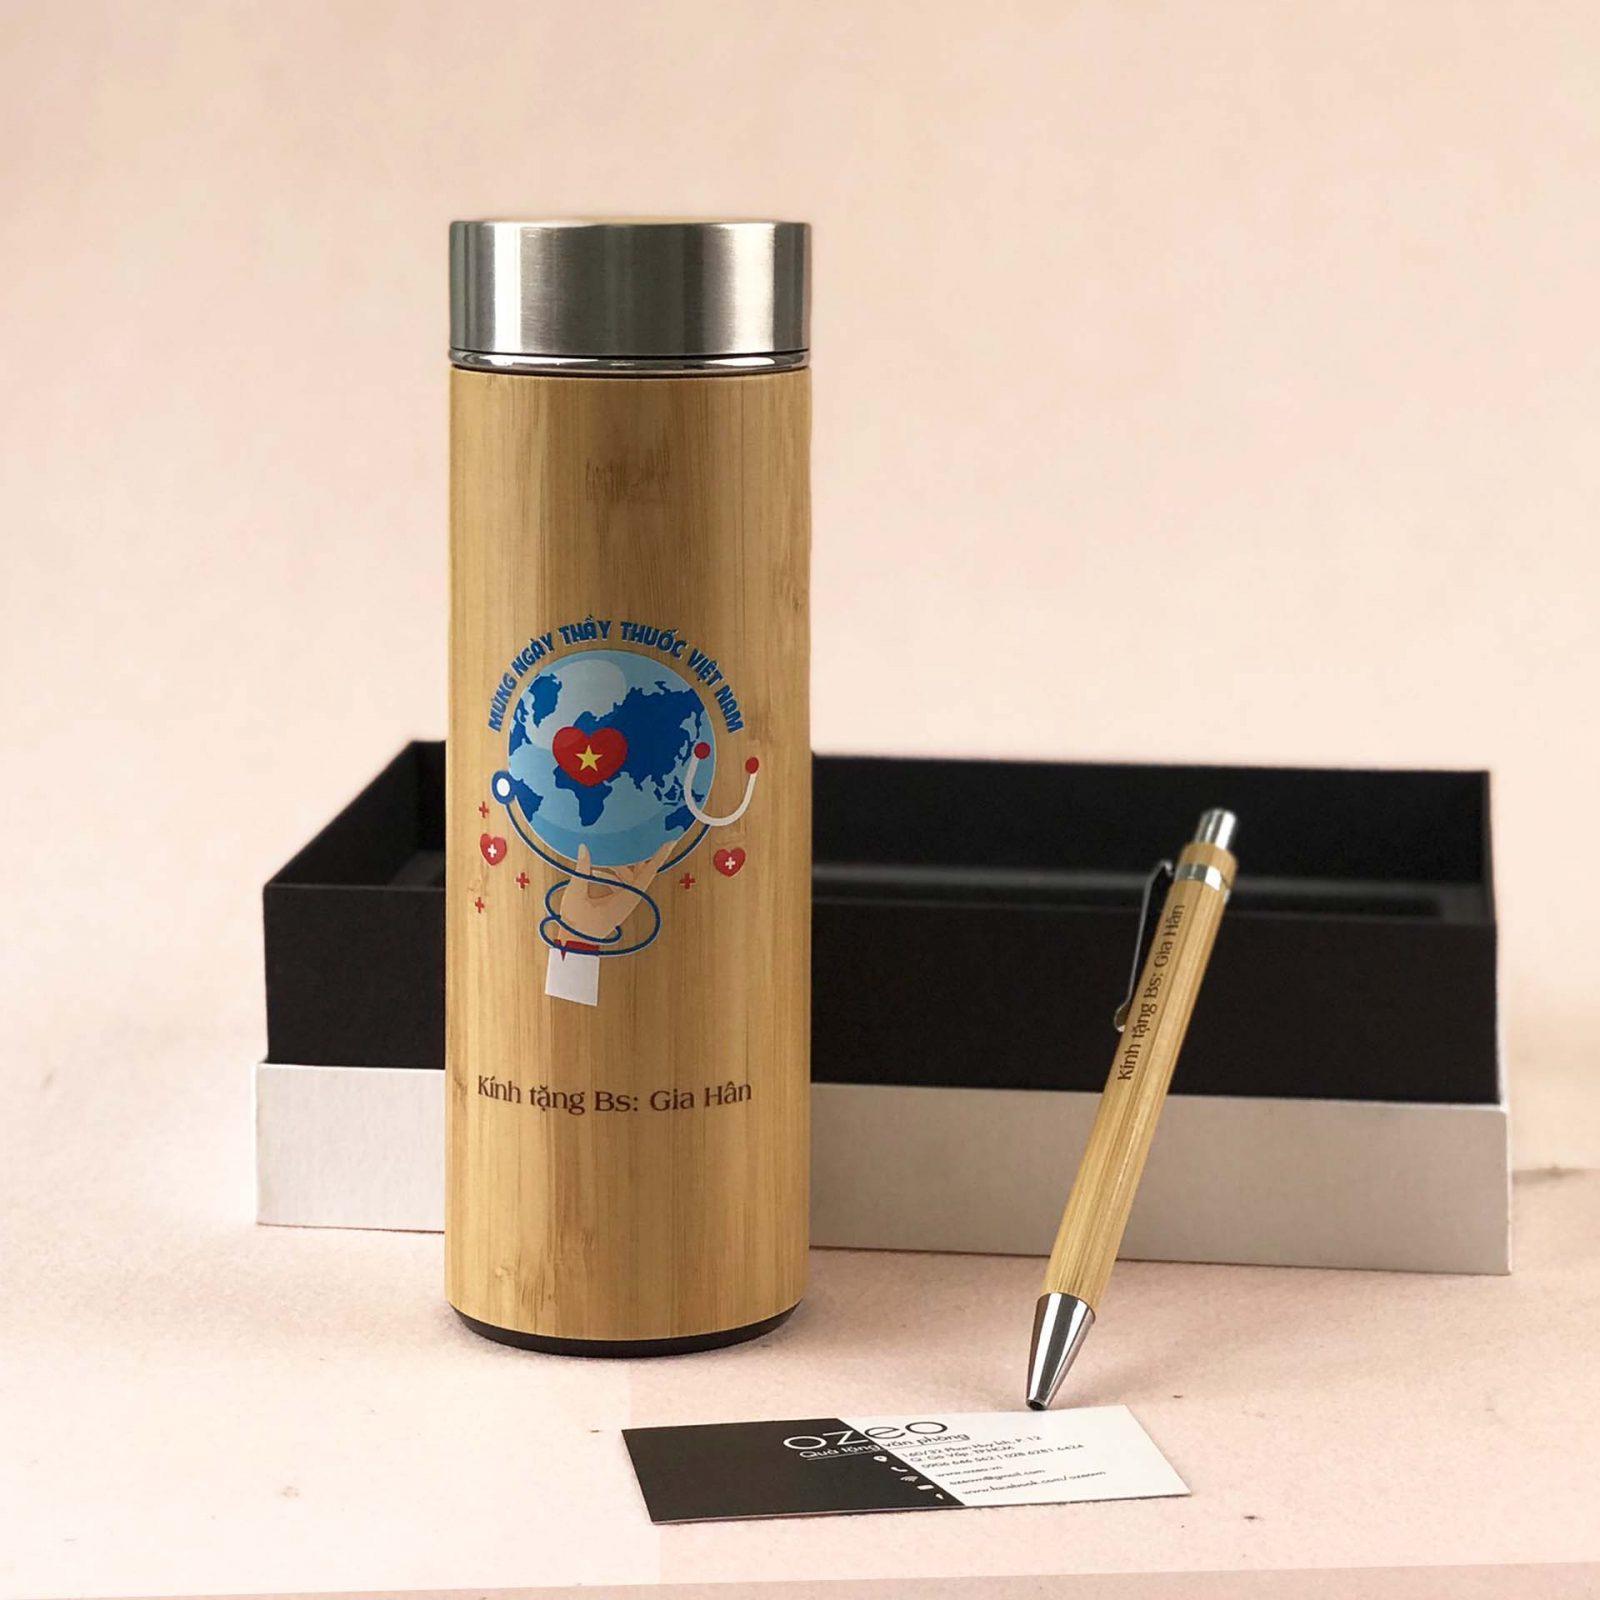 Bộ quà tặng bác sĩ gồm bút và bình giữ nhiệt in ấn theo thiết kế có sẵn - mẫu CBQTBS-T03